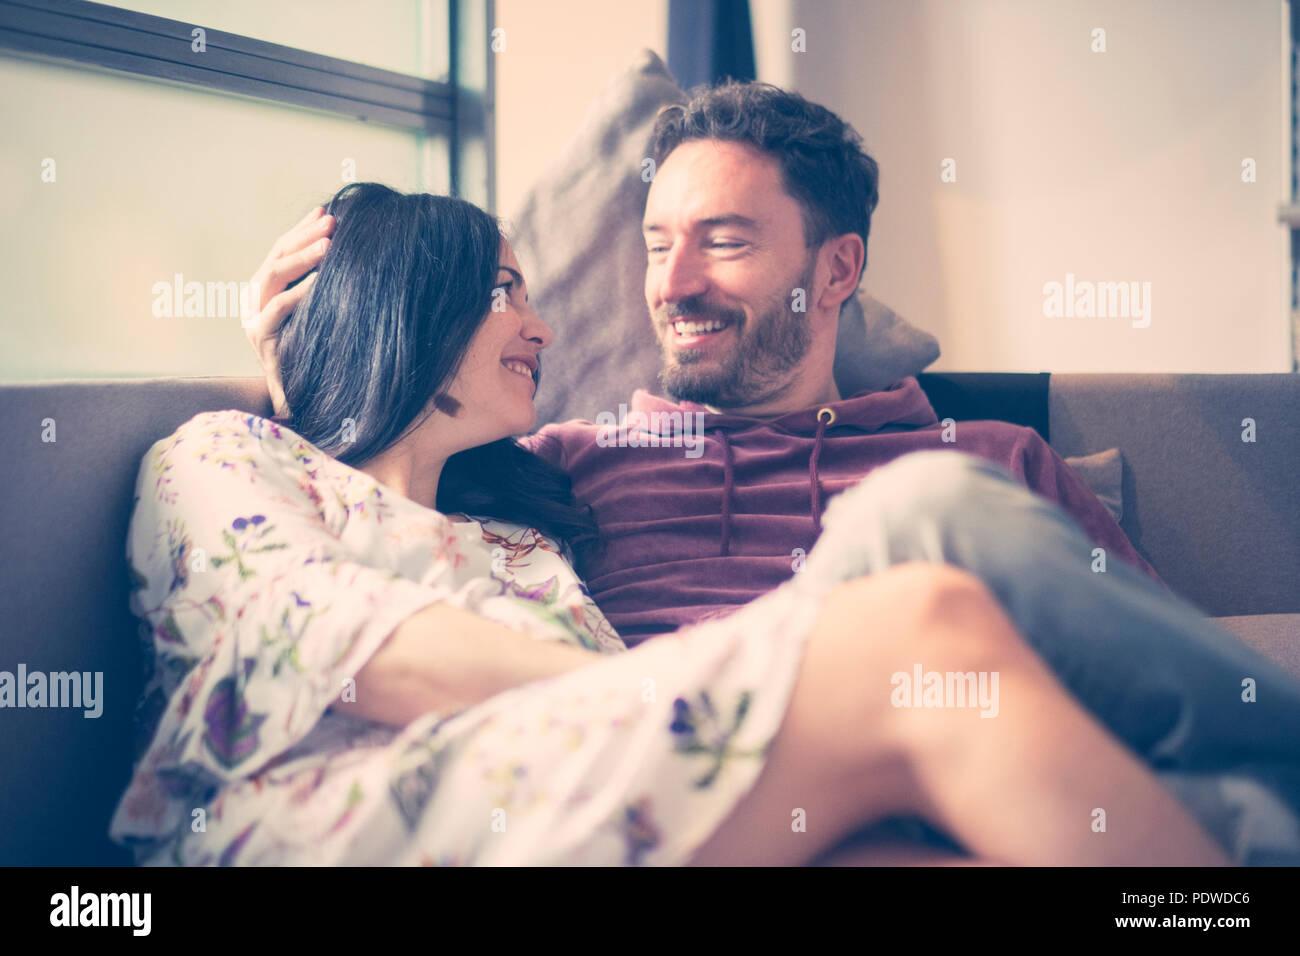 Cheerful man and woman portrait en activité de loisirs à la maison sourire et profiter de la vie en attendant un nouveau bébé pour compléter le couple et la famille. Happy peop Photo Stock